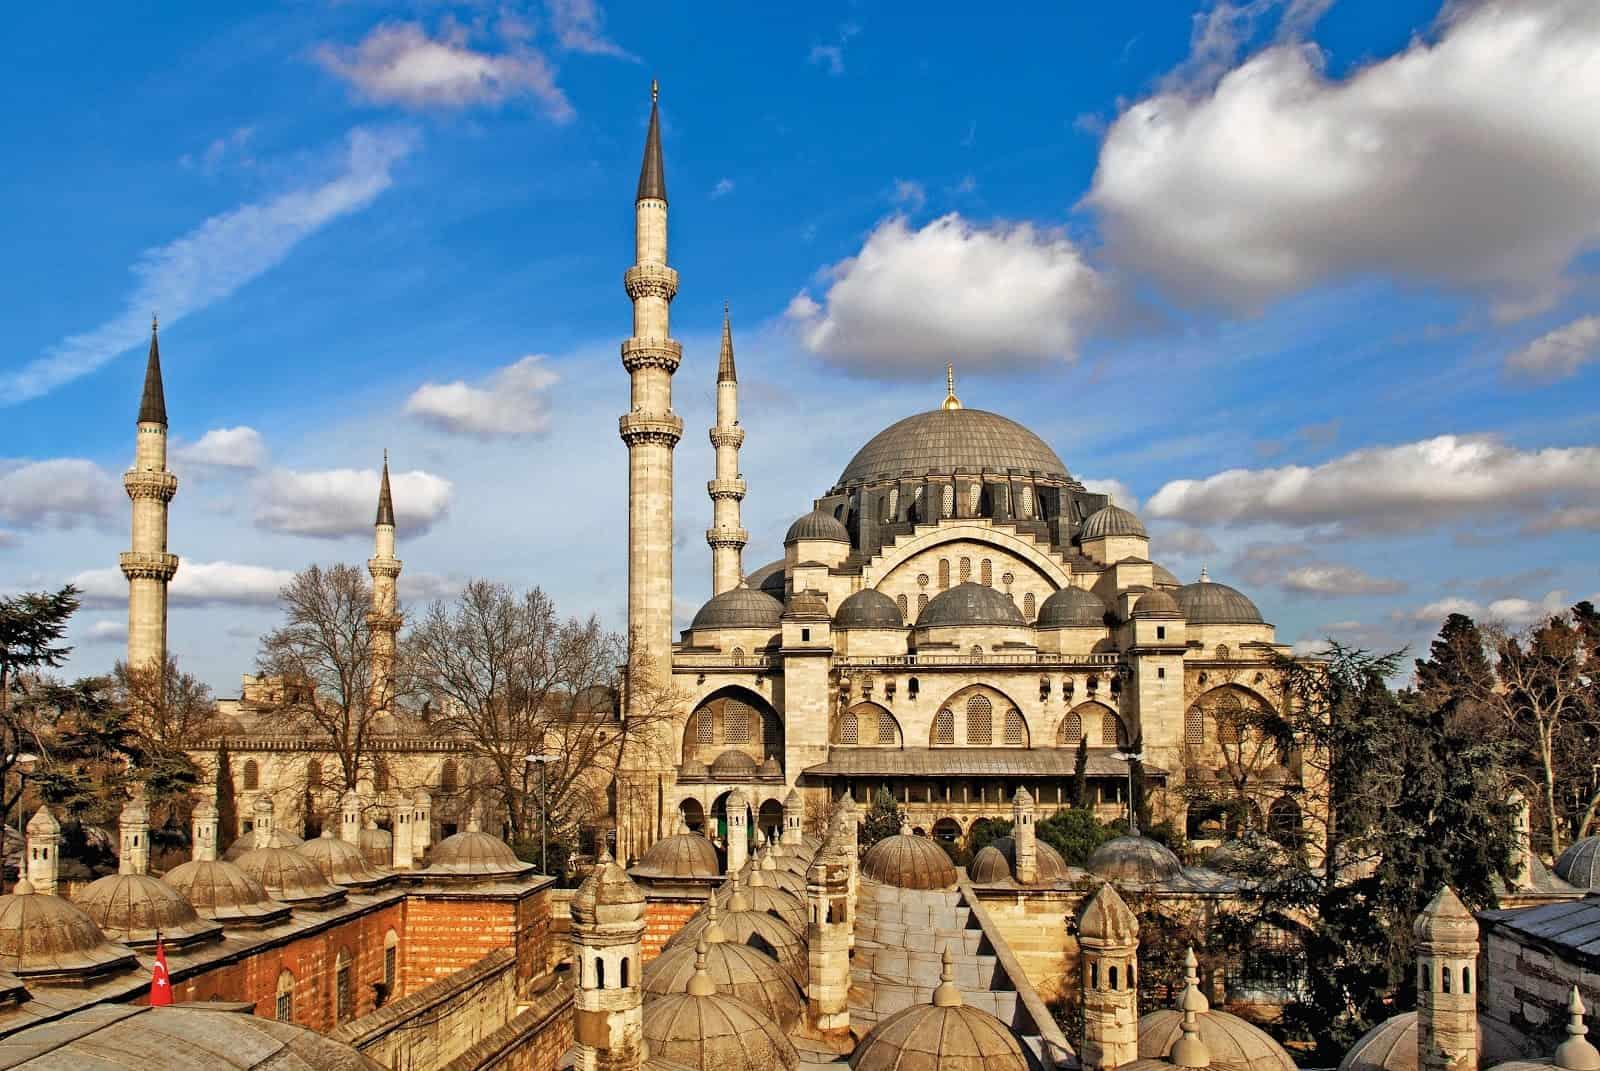 Suleymaniye Mosque of Istanbul